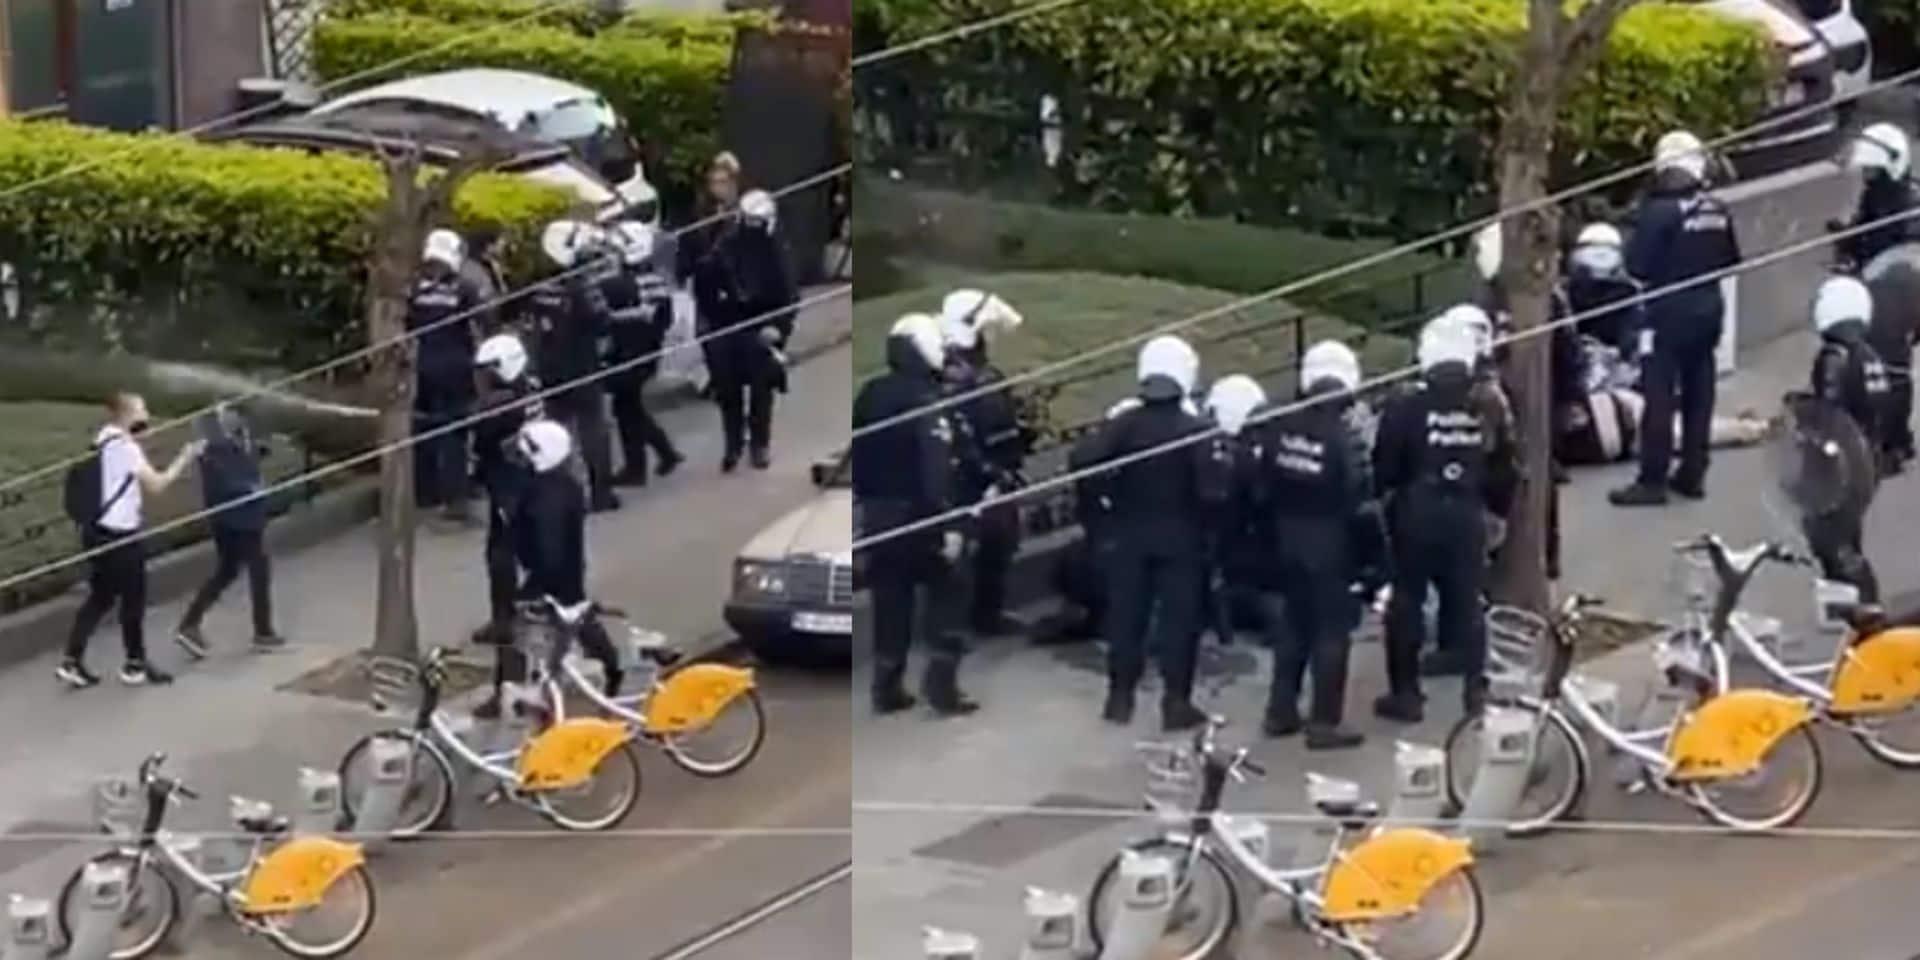 Vives tensions entre policiers et participants de La Boum 2 près du Bois de Cambre: plusieurs vidéos font polémique, la police réagit